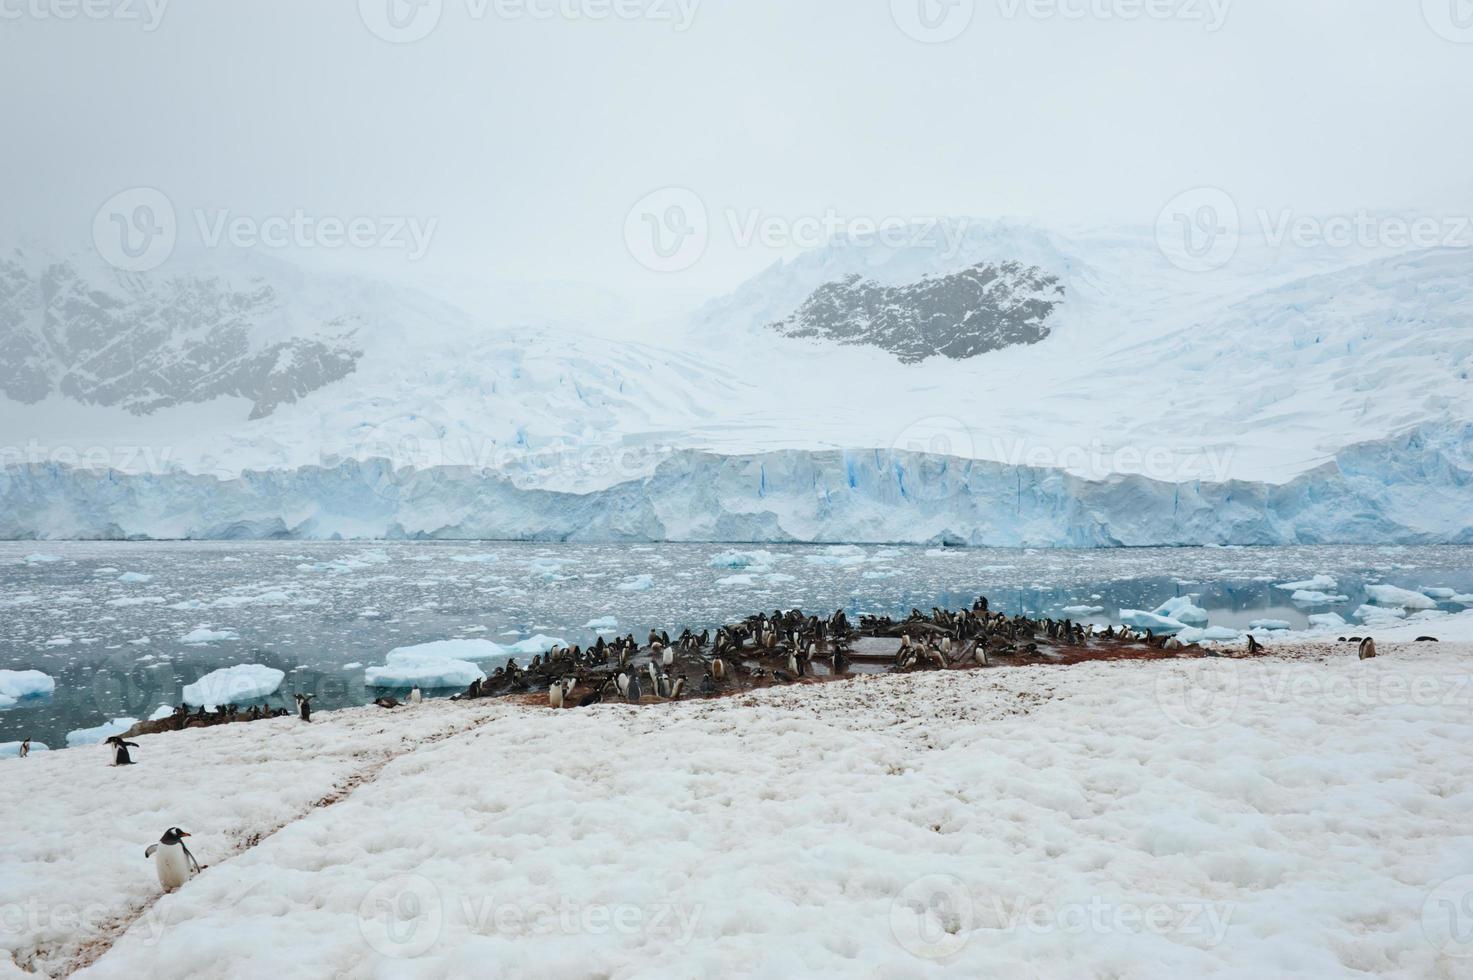 pingouins dans le port de neko photo